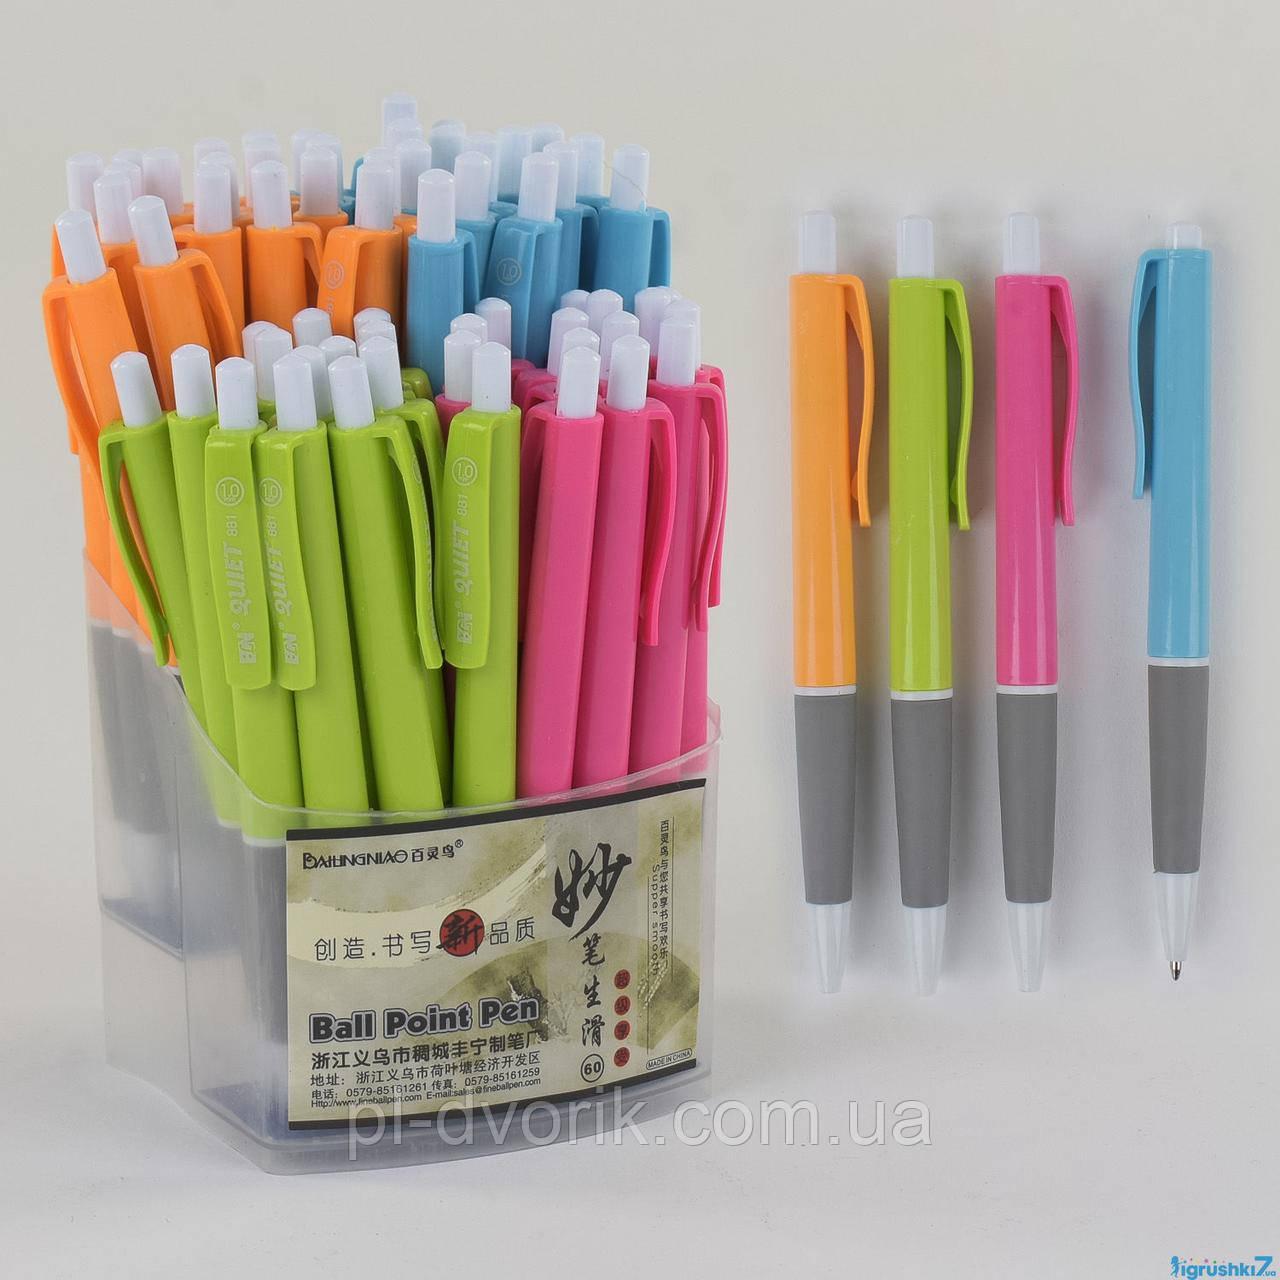 Шариковая ручка С 37070  синяя паста/ диаметр пишущего узла 1 мм цена 3-50